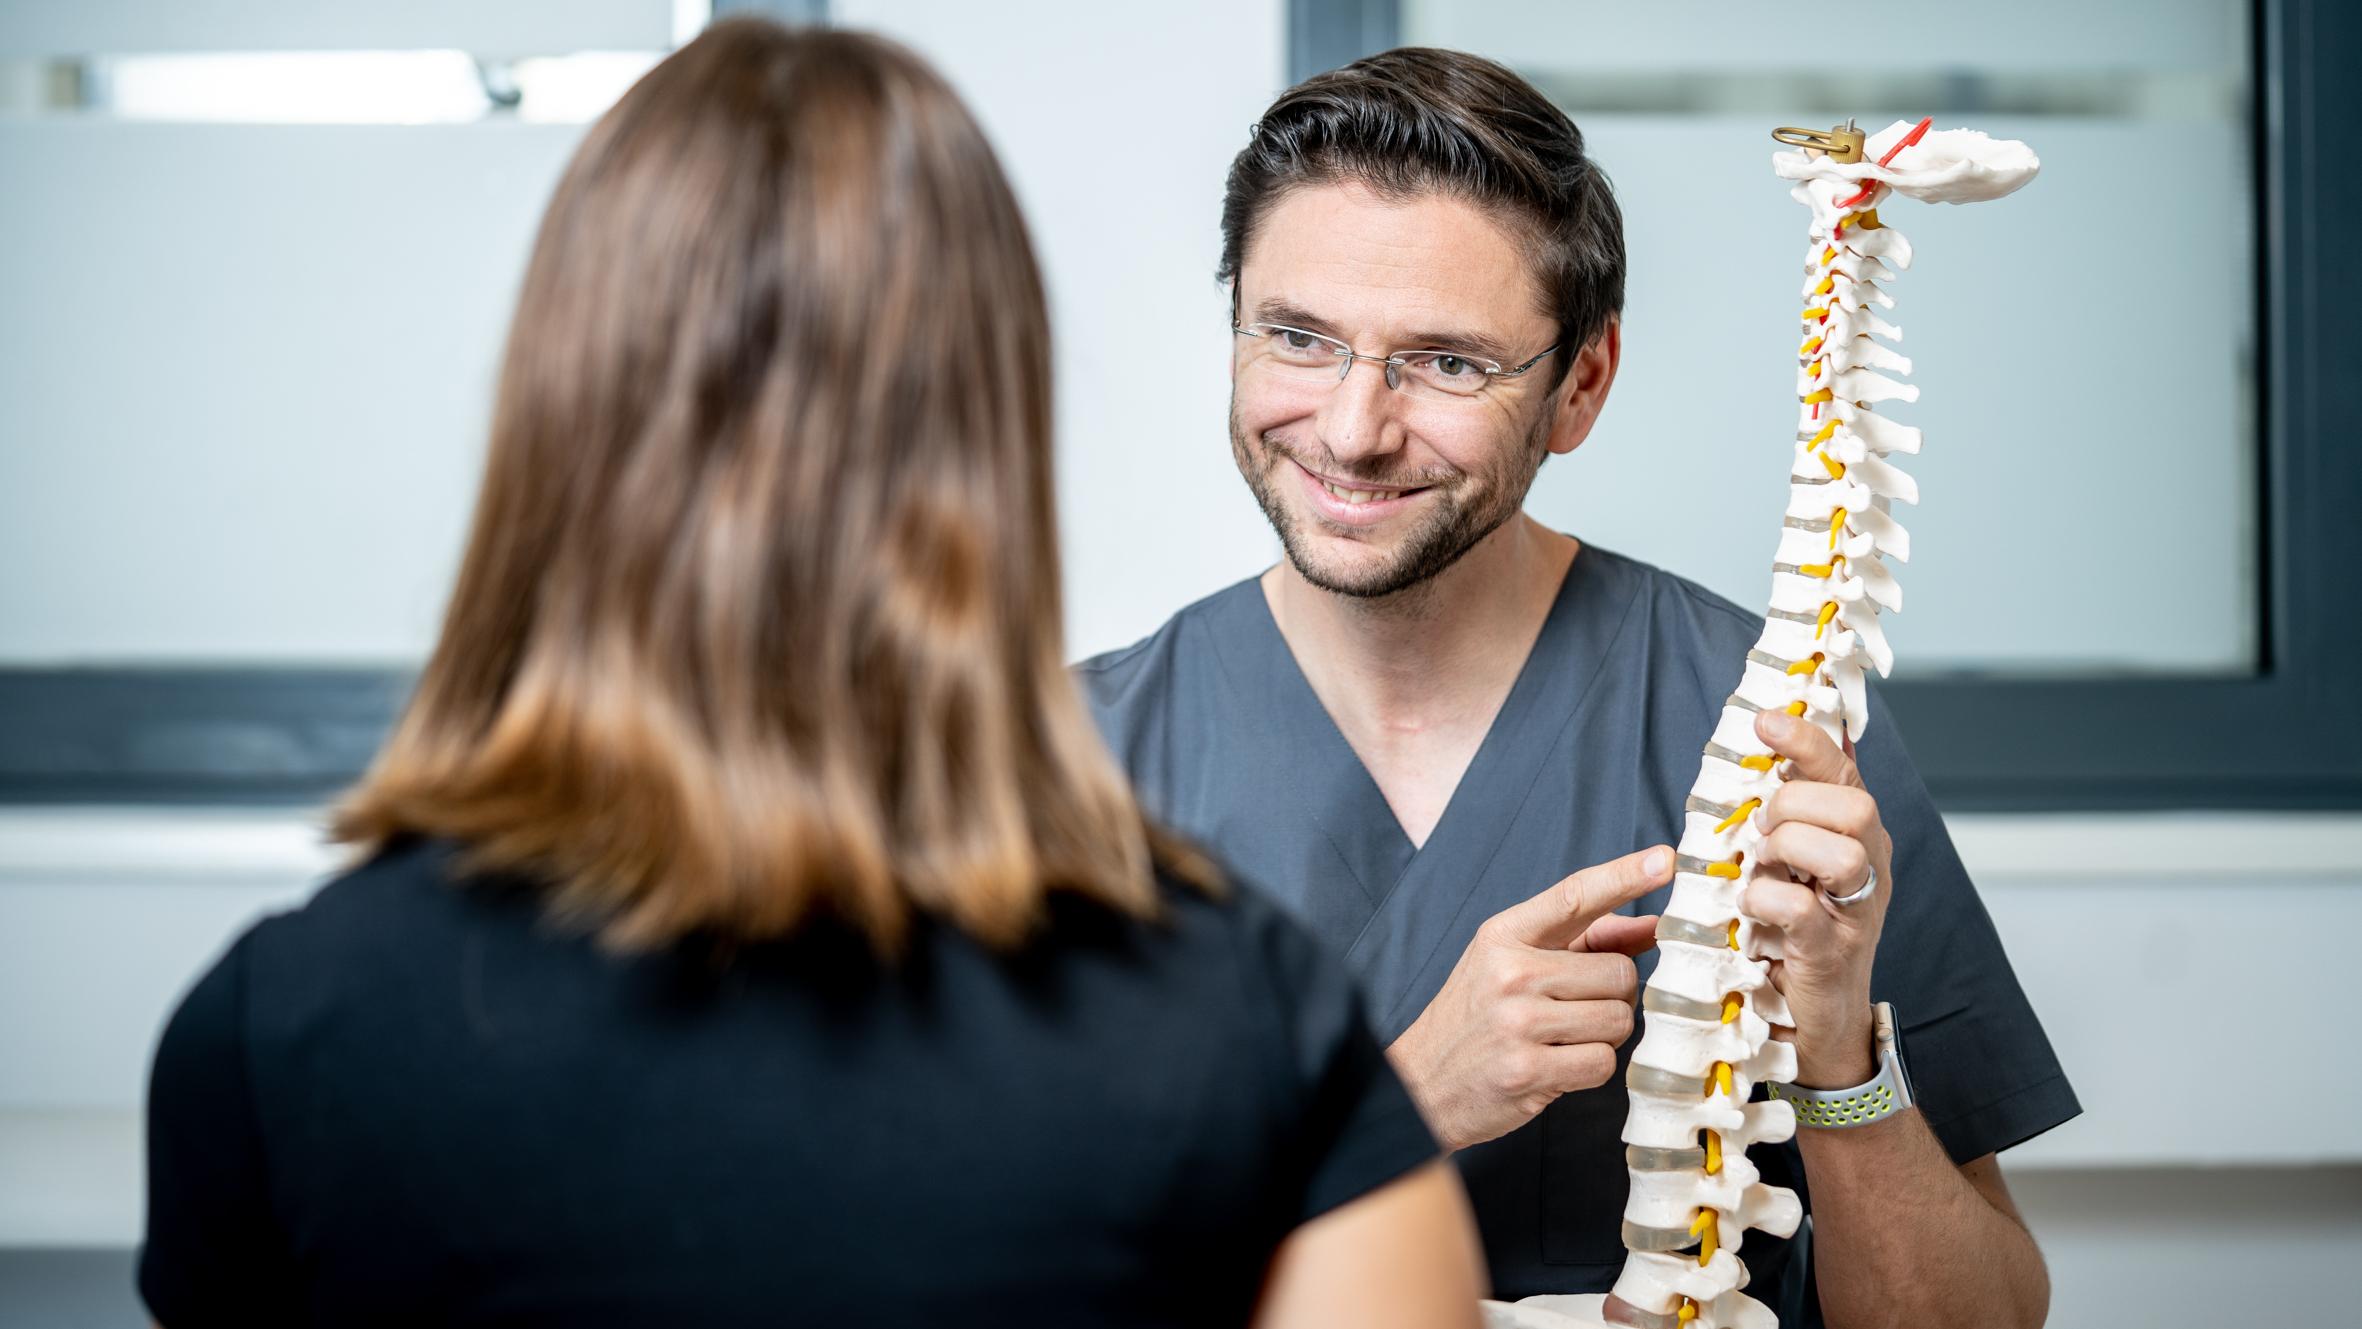 voege-und-garn-chirurgie-orthopaedie-duesseldorf.jpg